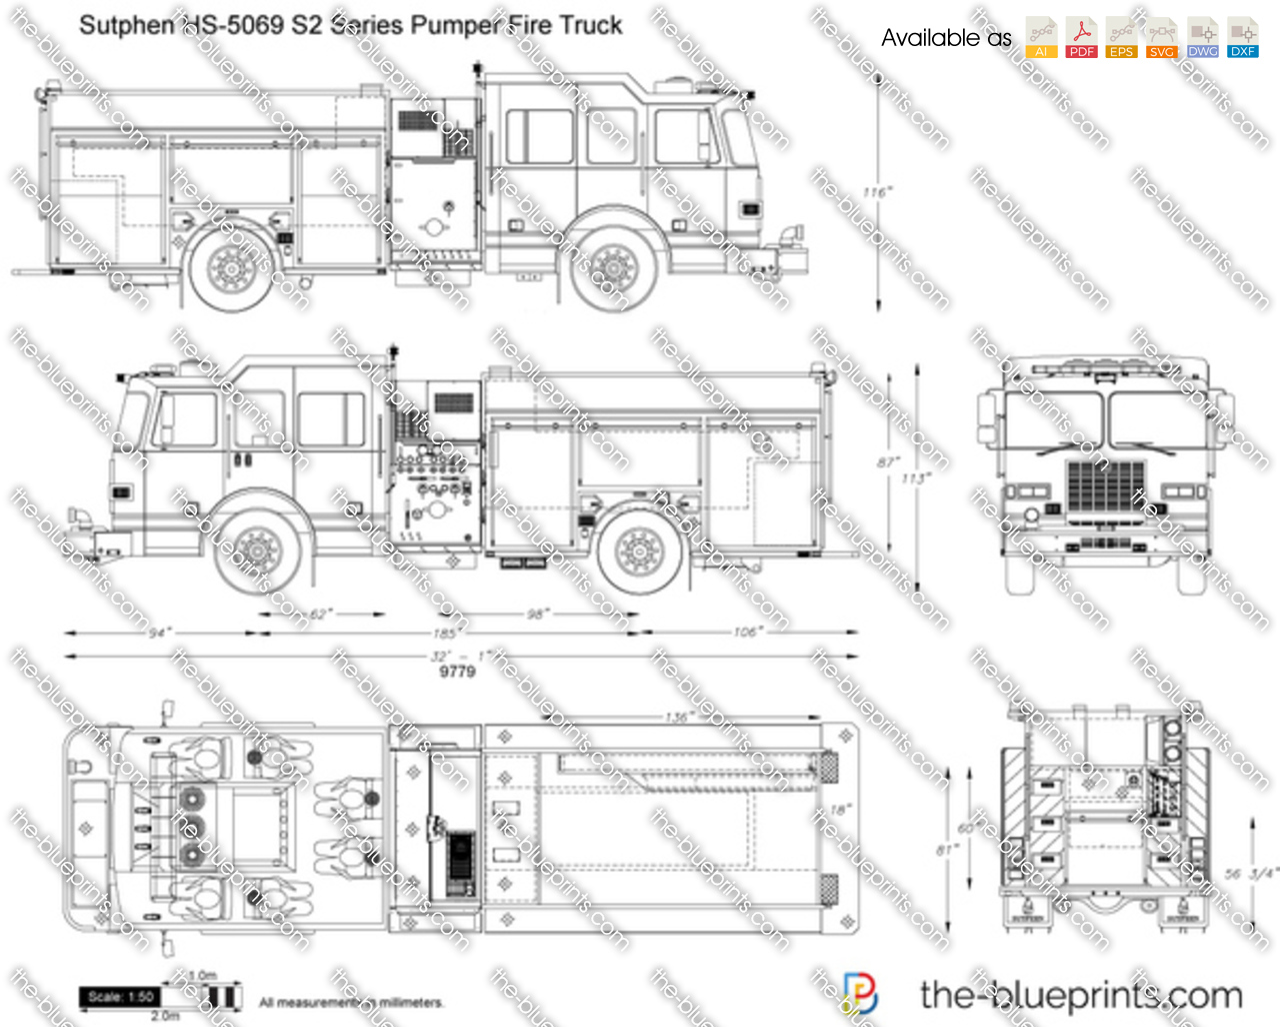 Fire Truck Schematic Wiring Library Pierce Engine Pump Diagram Sutphen Hs 5069 S2 Series Pumper